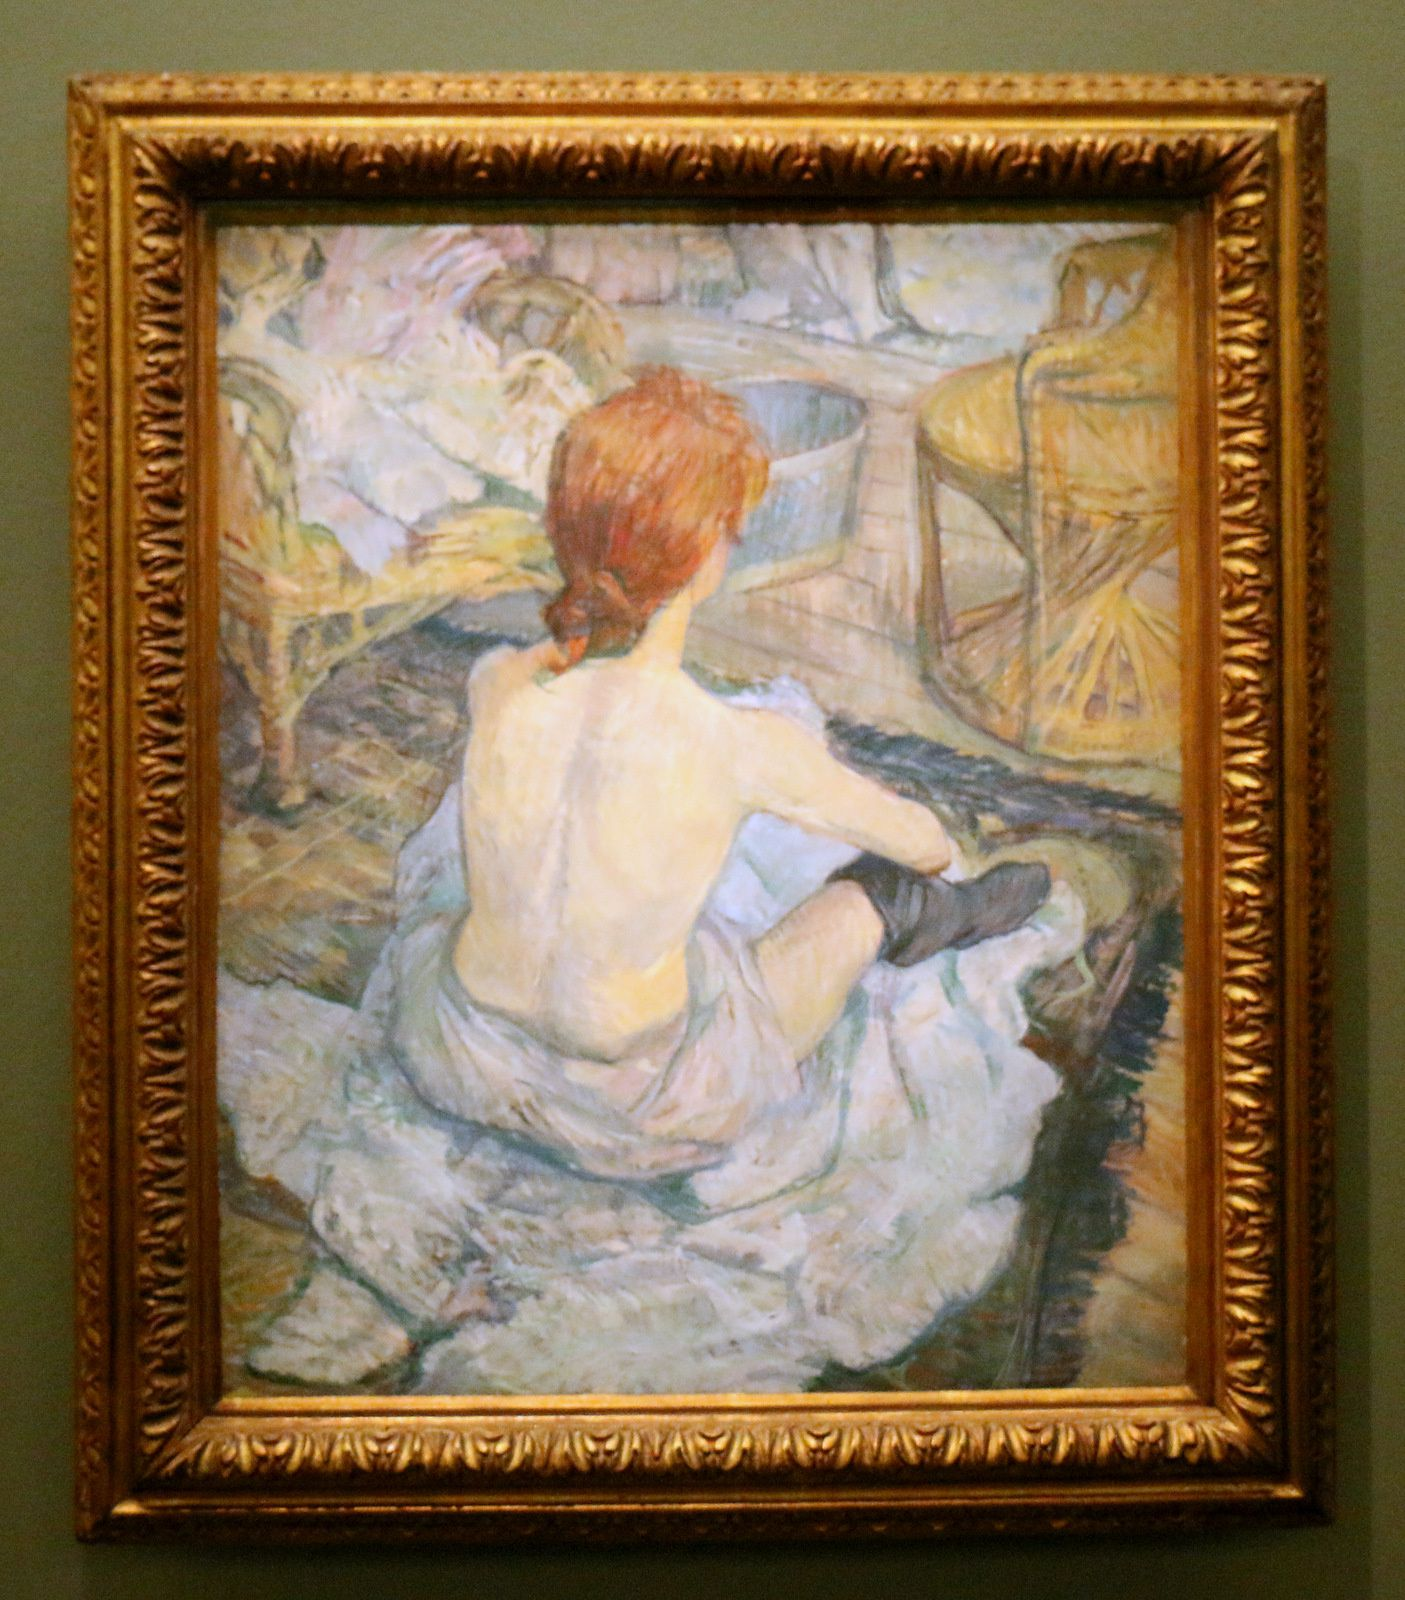 Rousse (La Toilette), huile sur carton de Henri de Toulouse-Lautrec